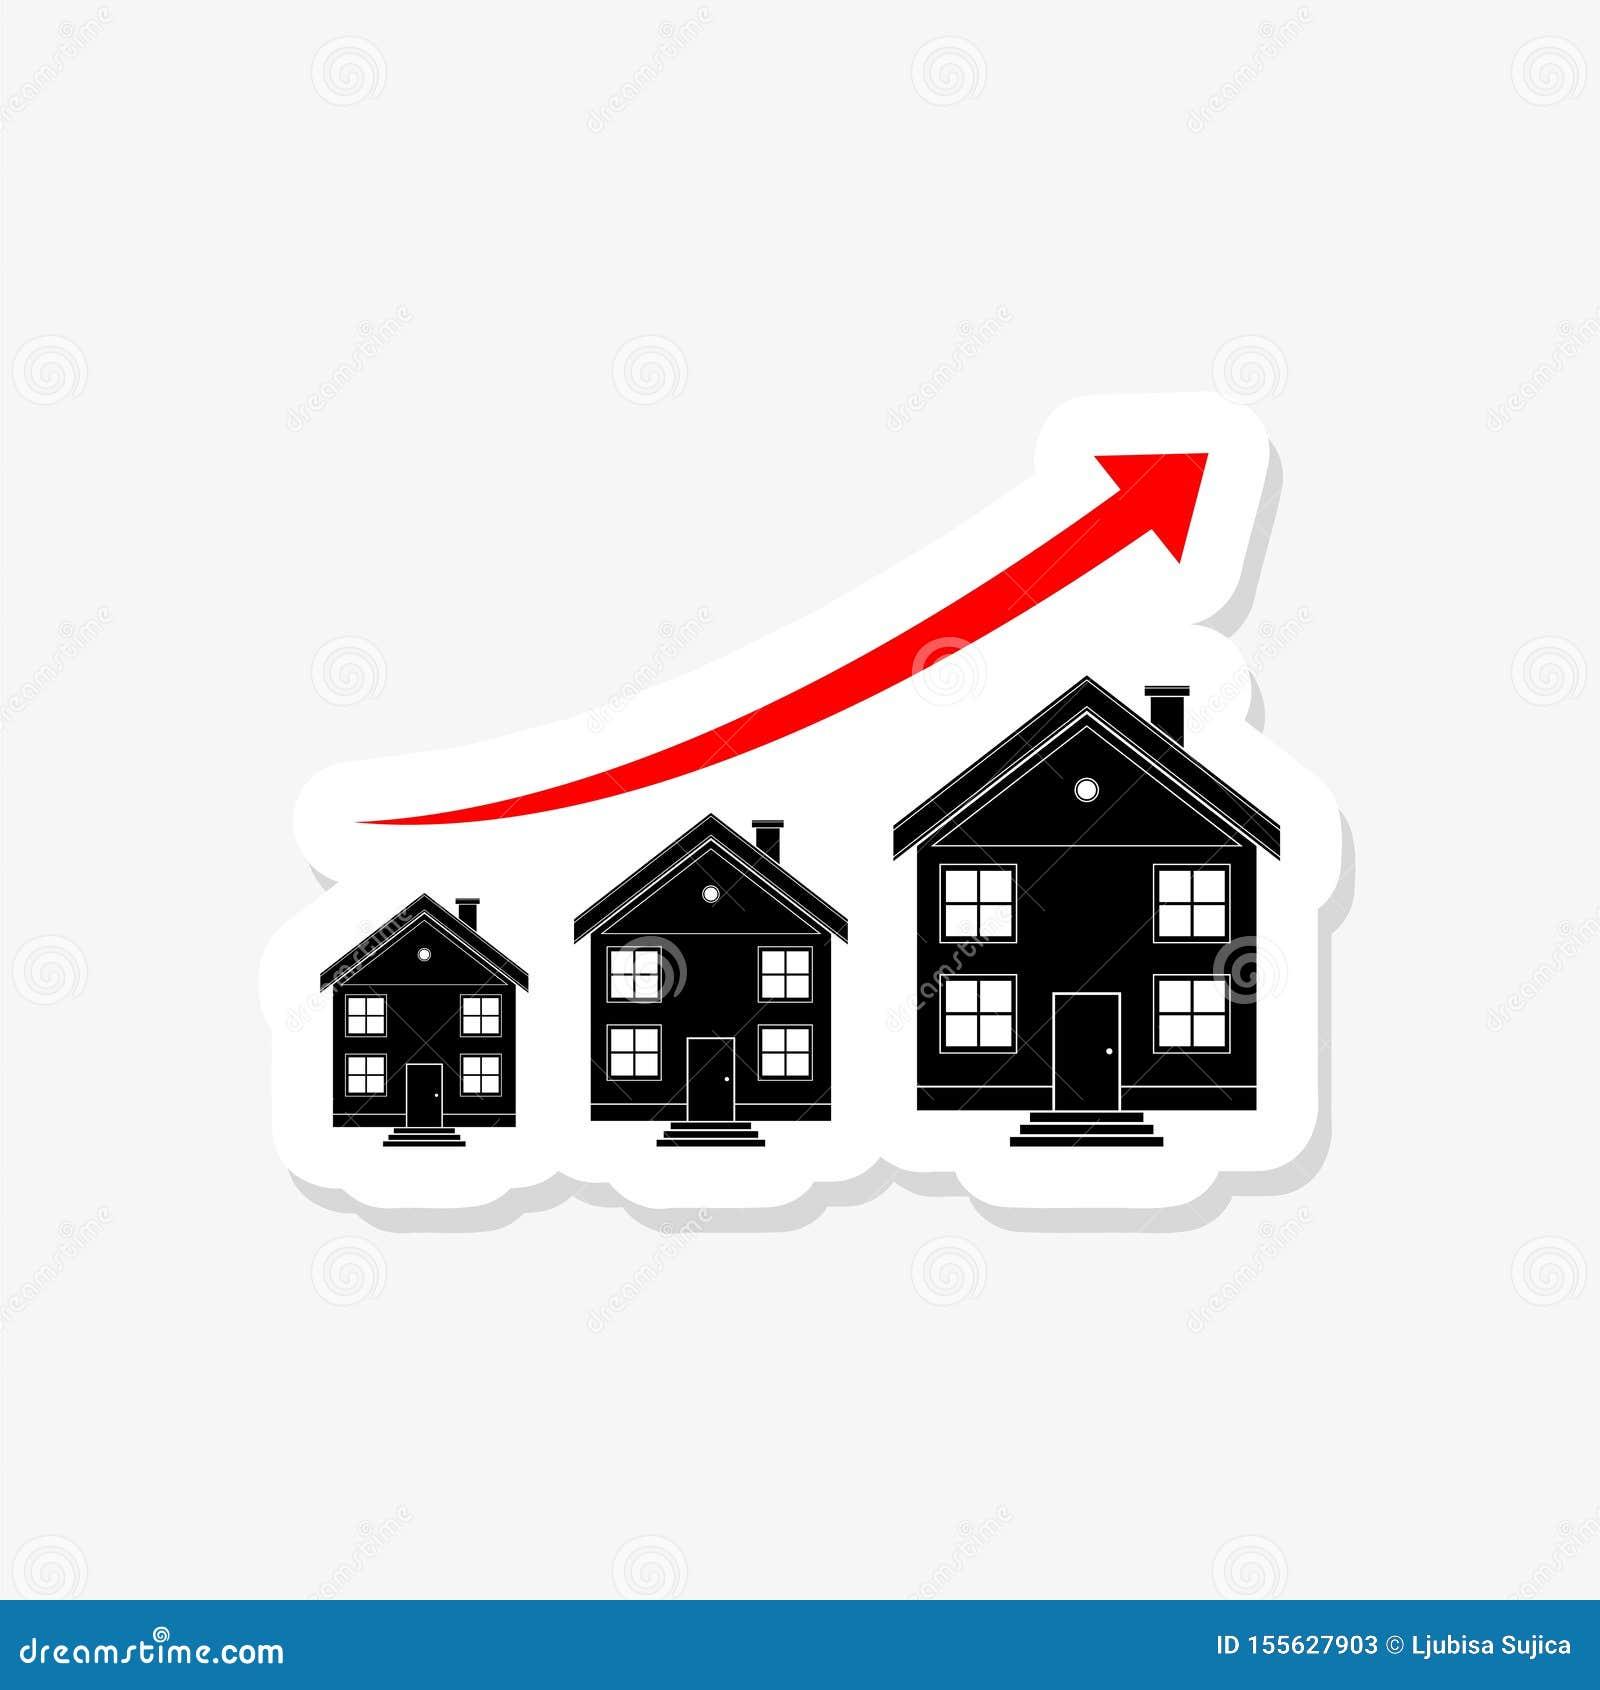 Διάγραμμα της αύξησης των τιμών ακίνητων περιουσιών